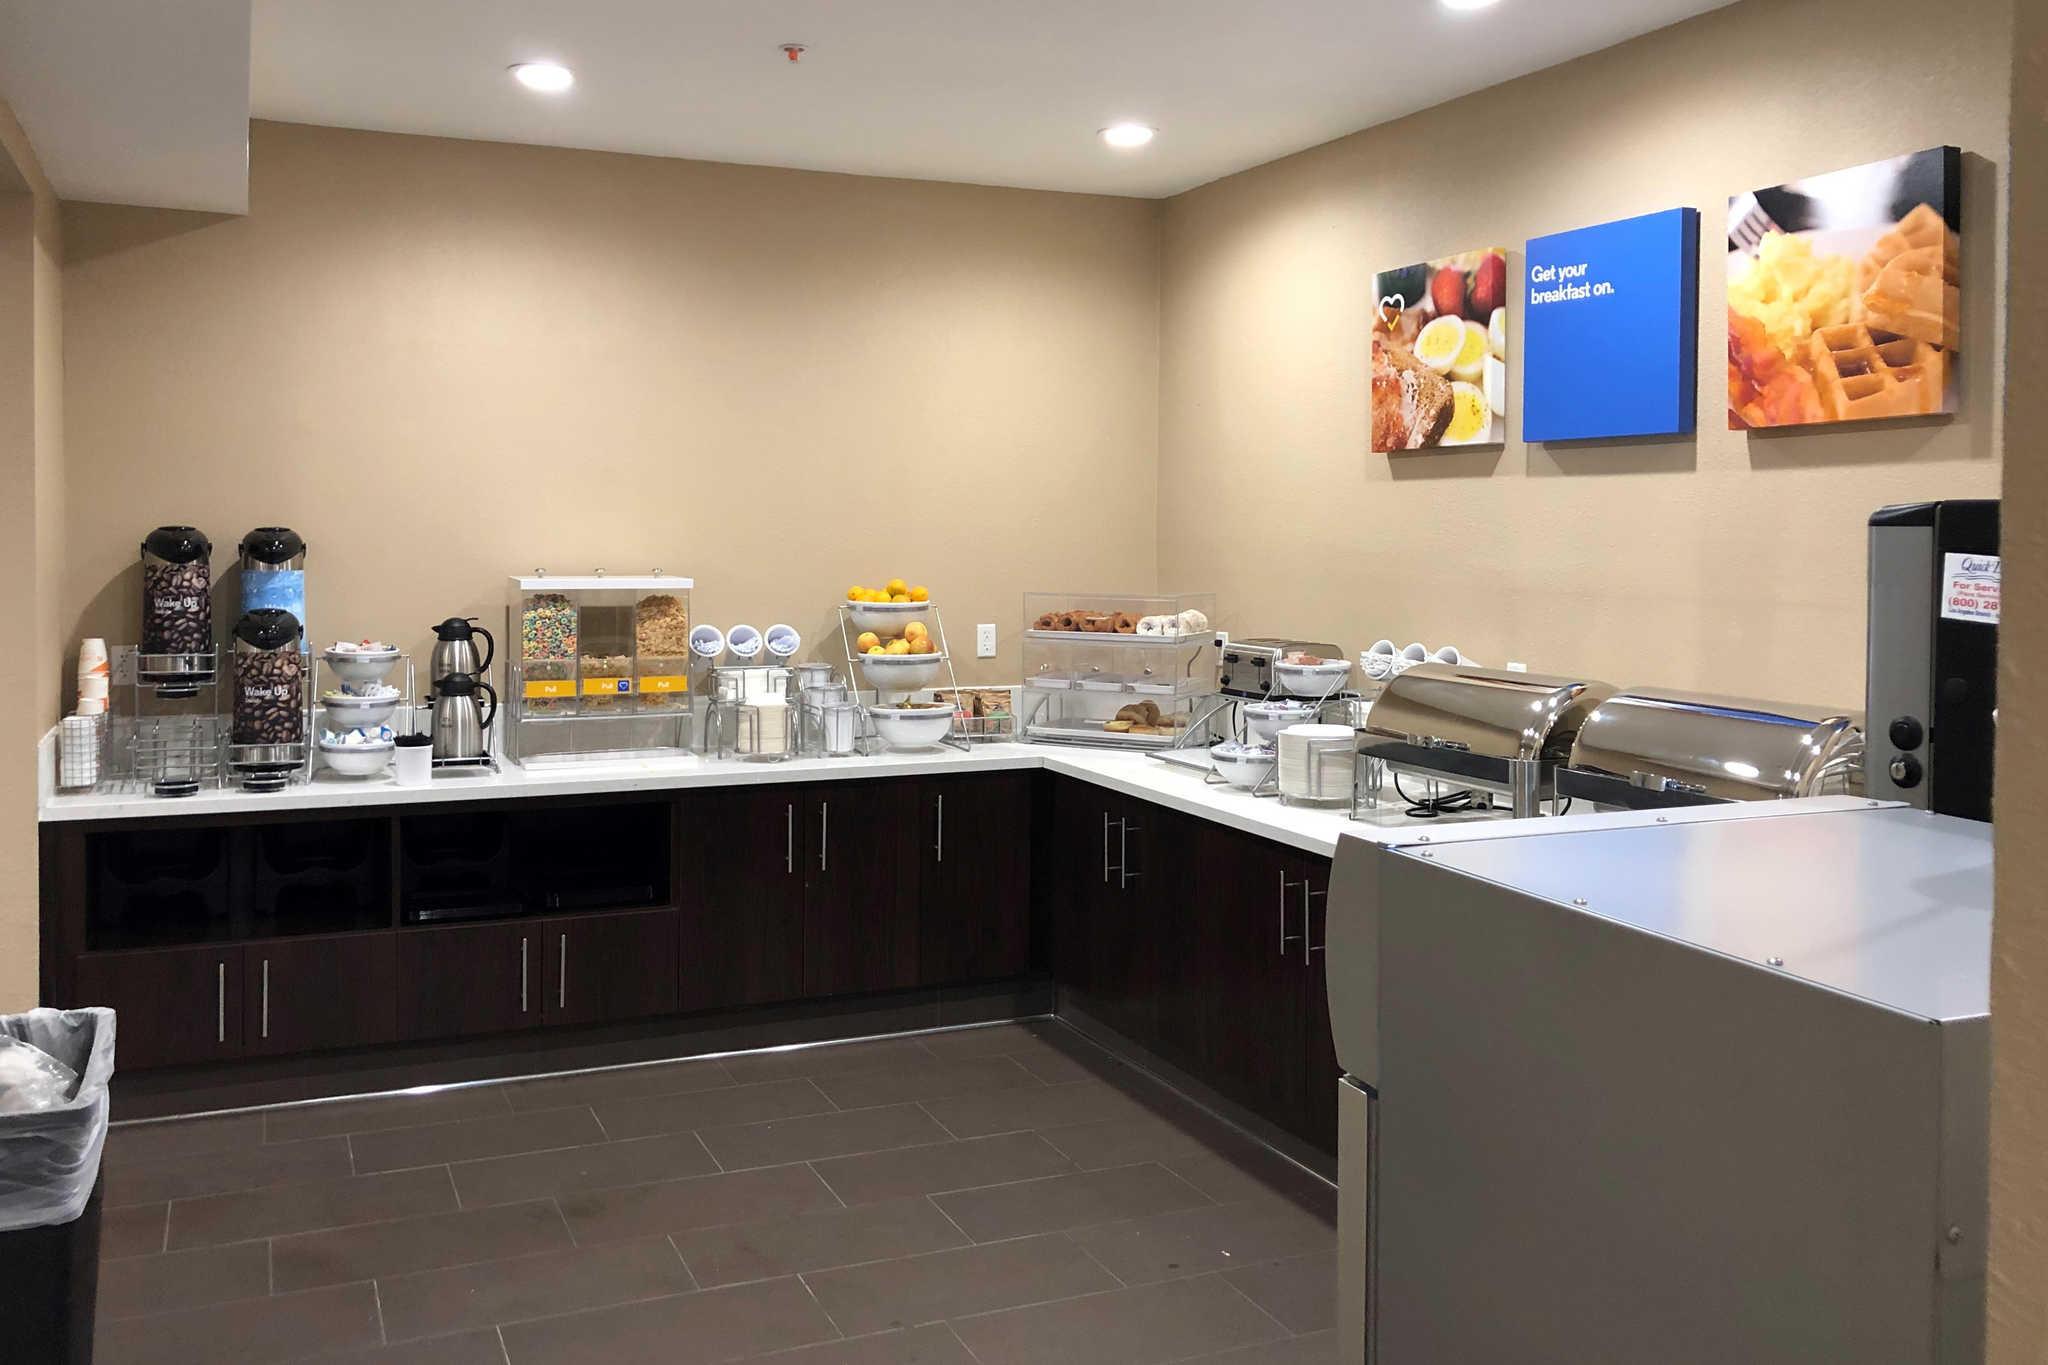 Comfort Inn & Suites Orange County John Wayne Airport image 16